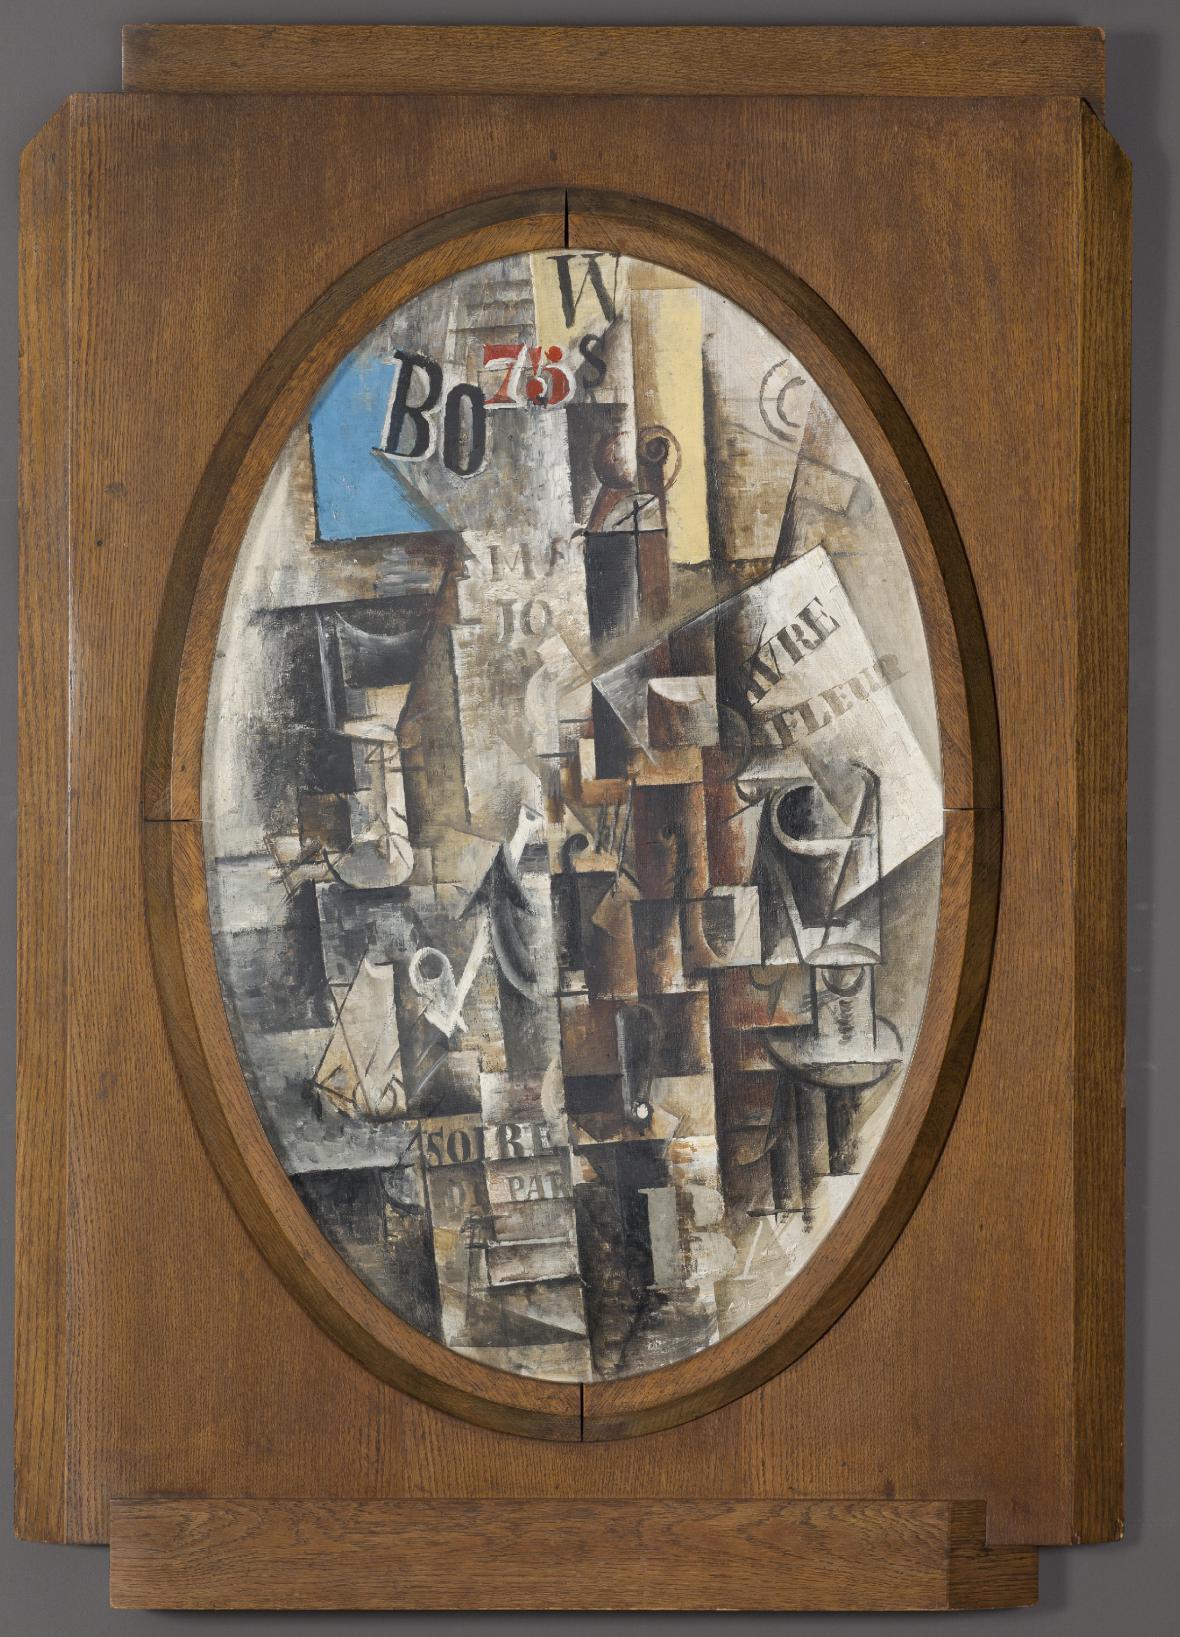 Pablo Picasso / Housle, sklenice, dýmka a kotva (Vzpomínka na Le Havre), 1912